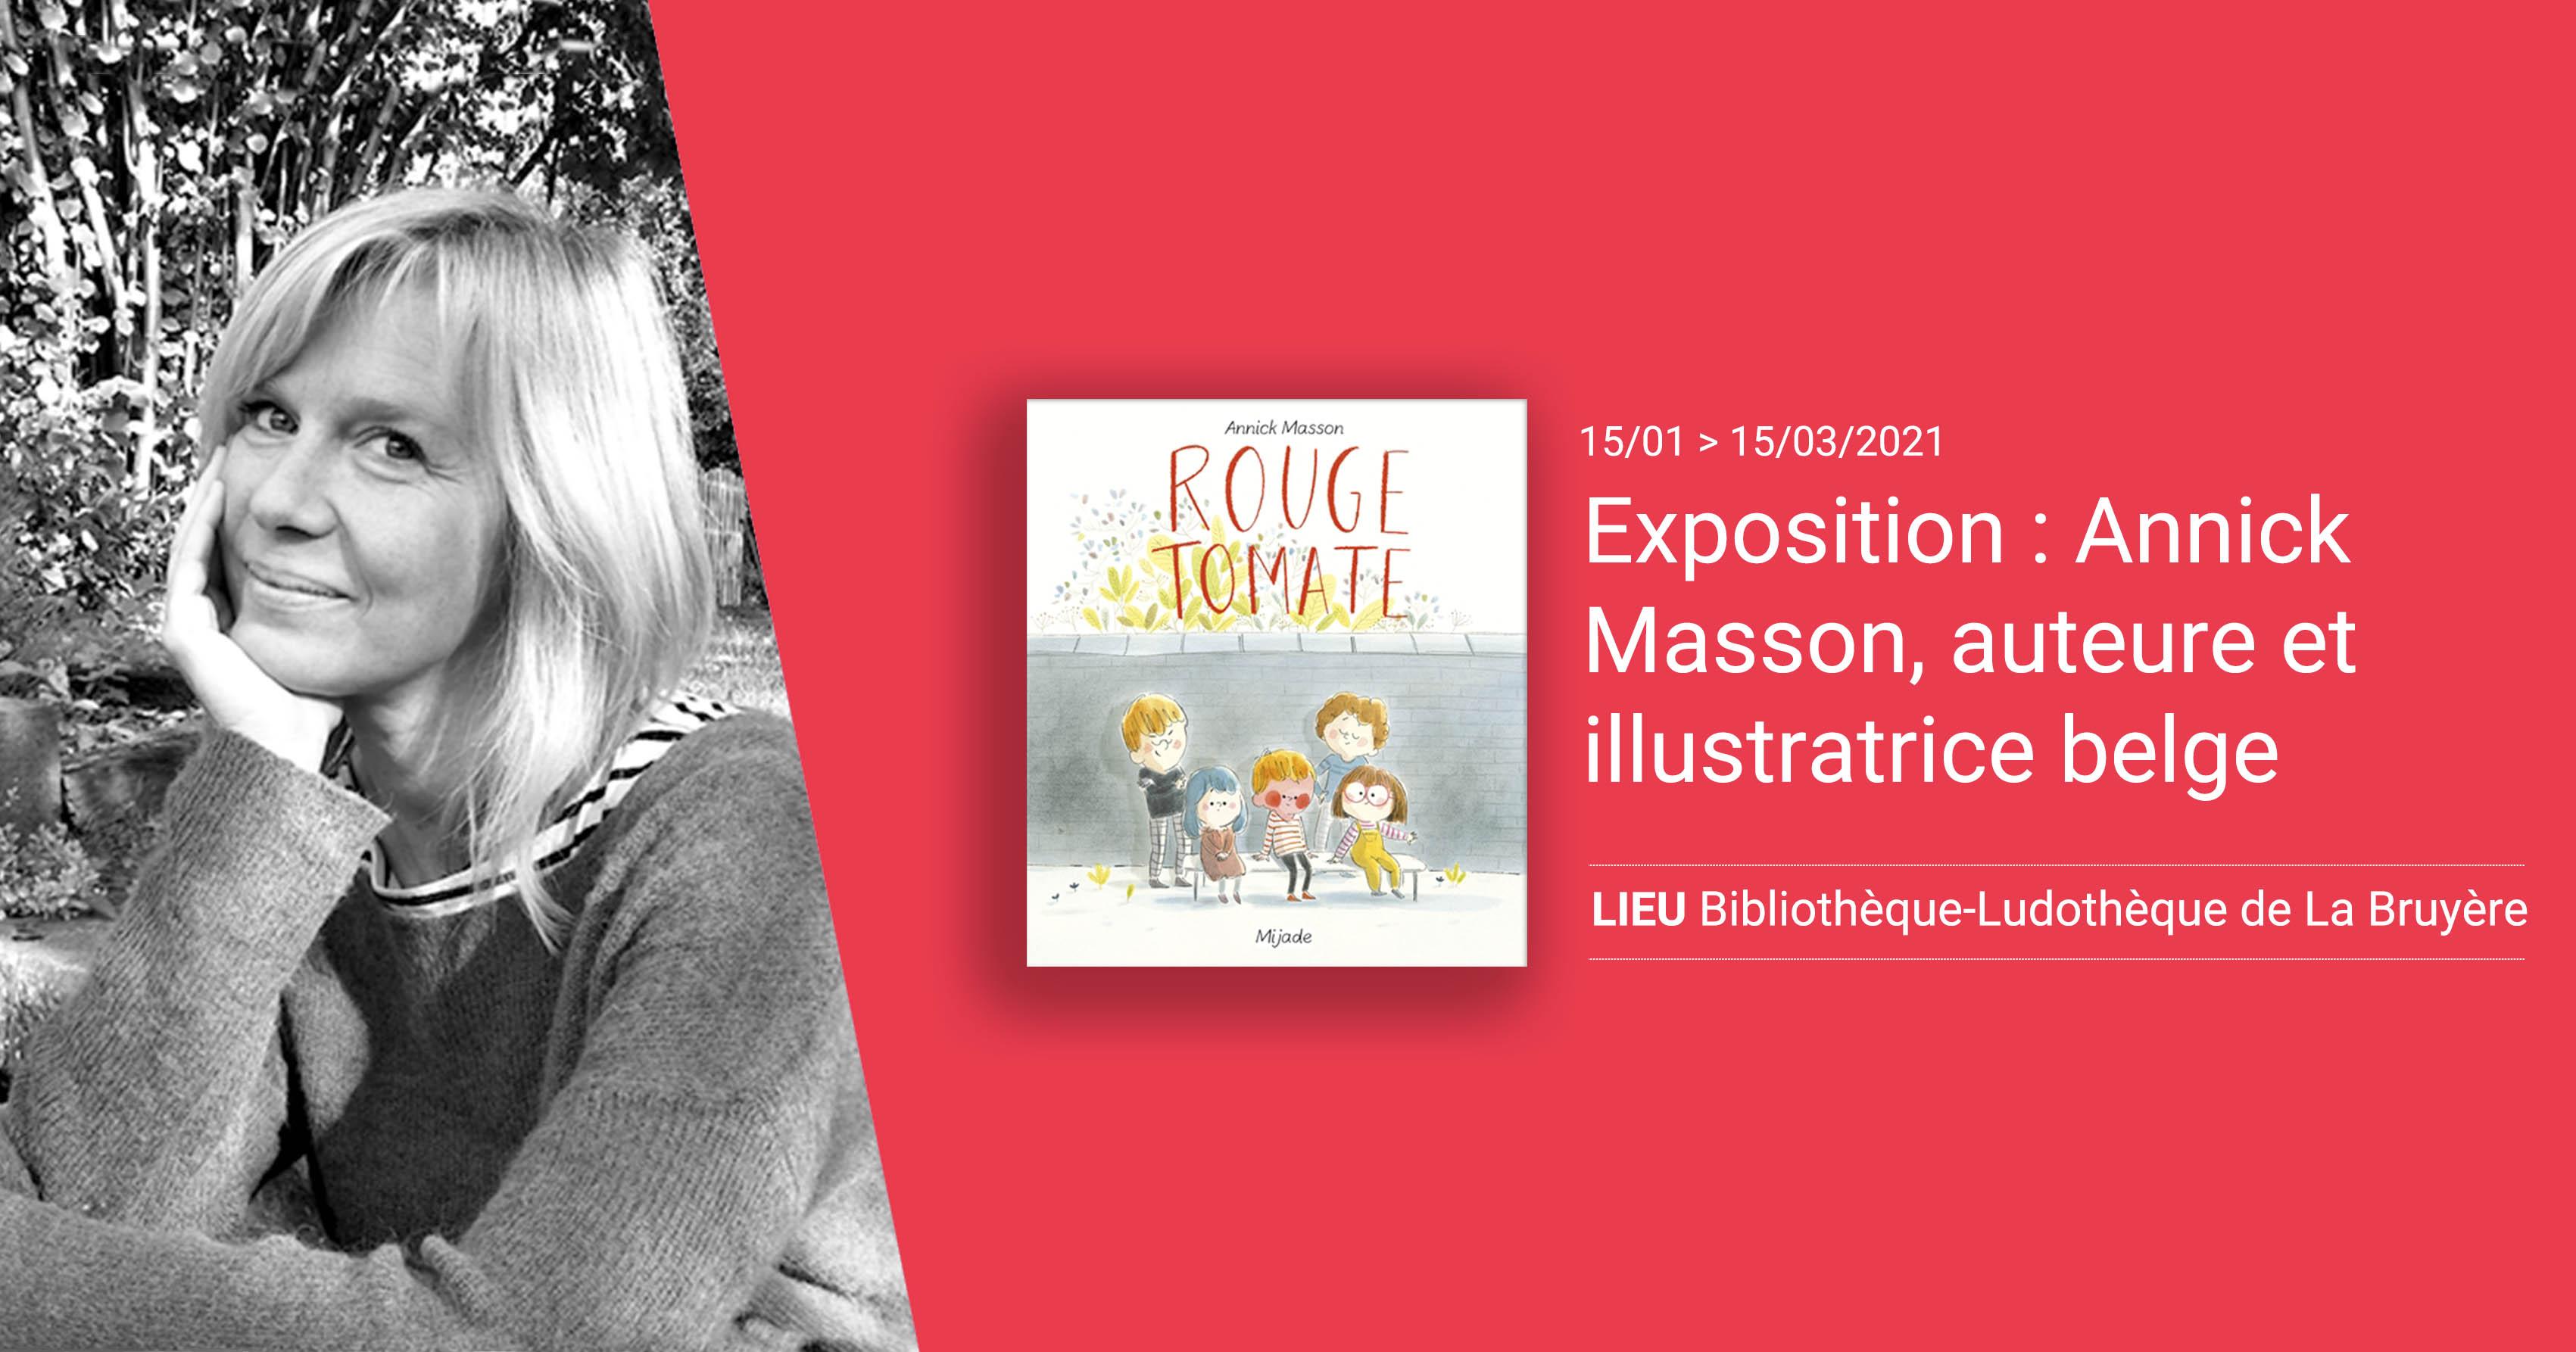 Exposition : Annick Masson, auteure et illustratrice belge